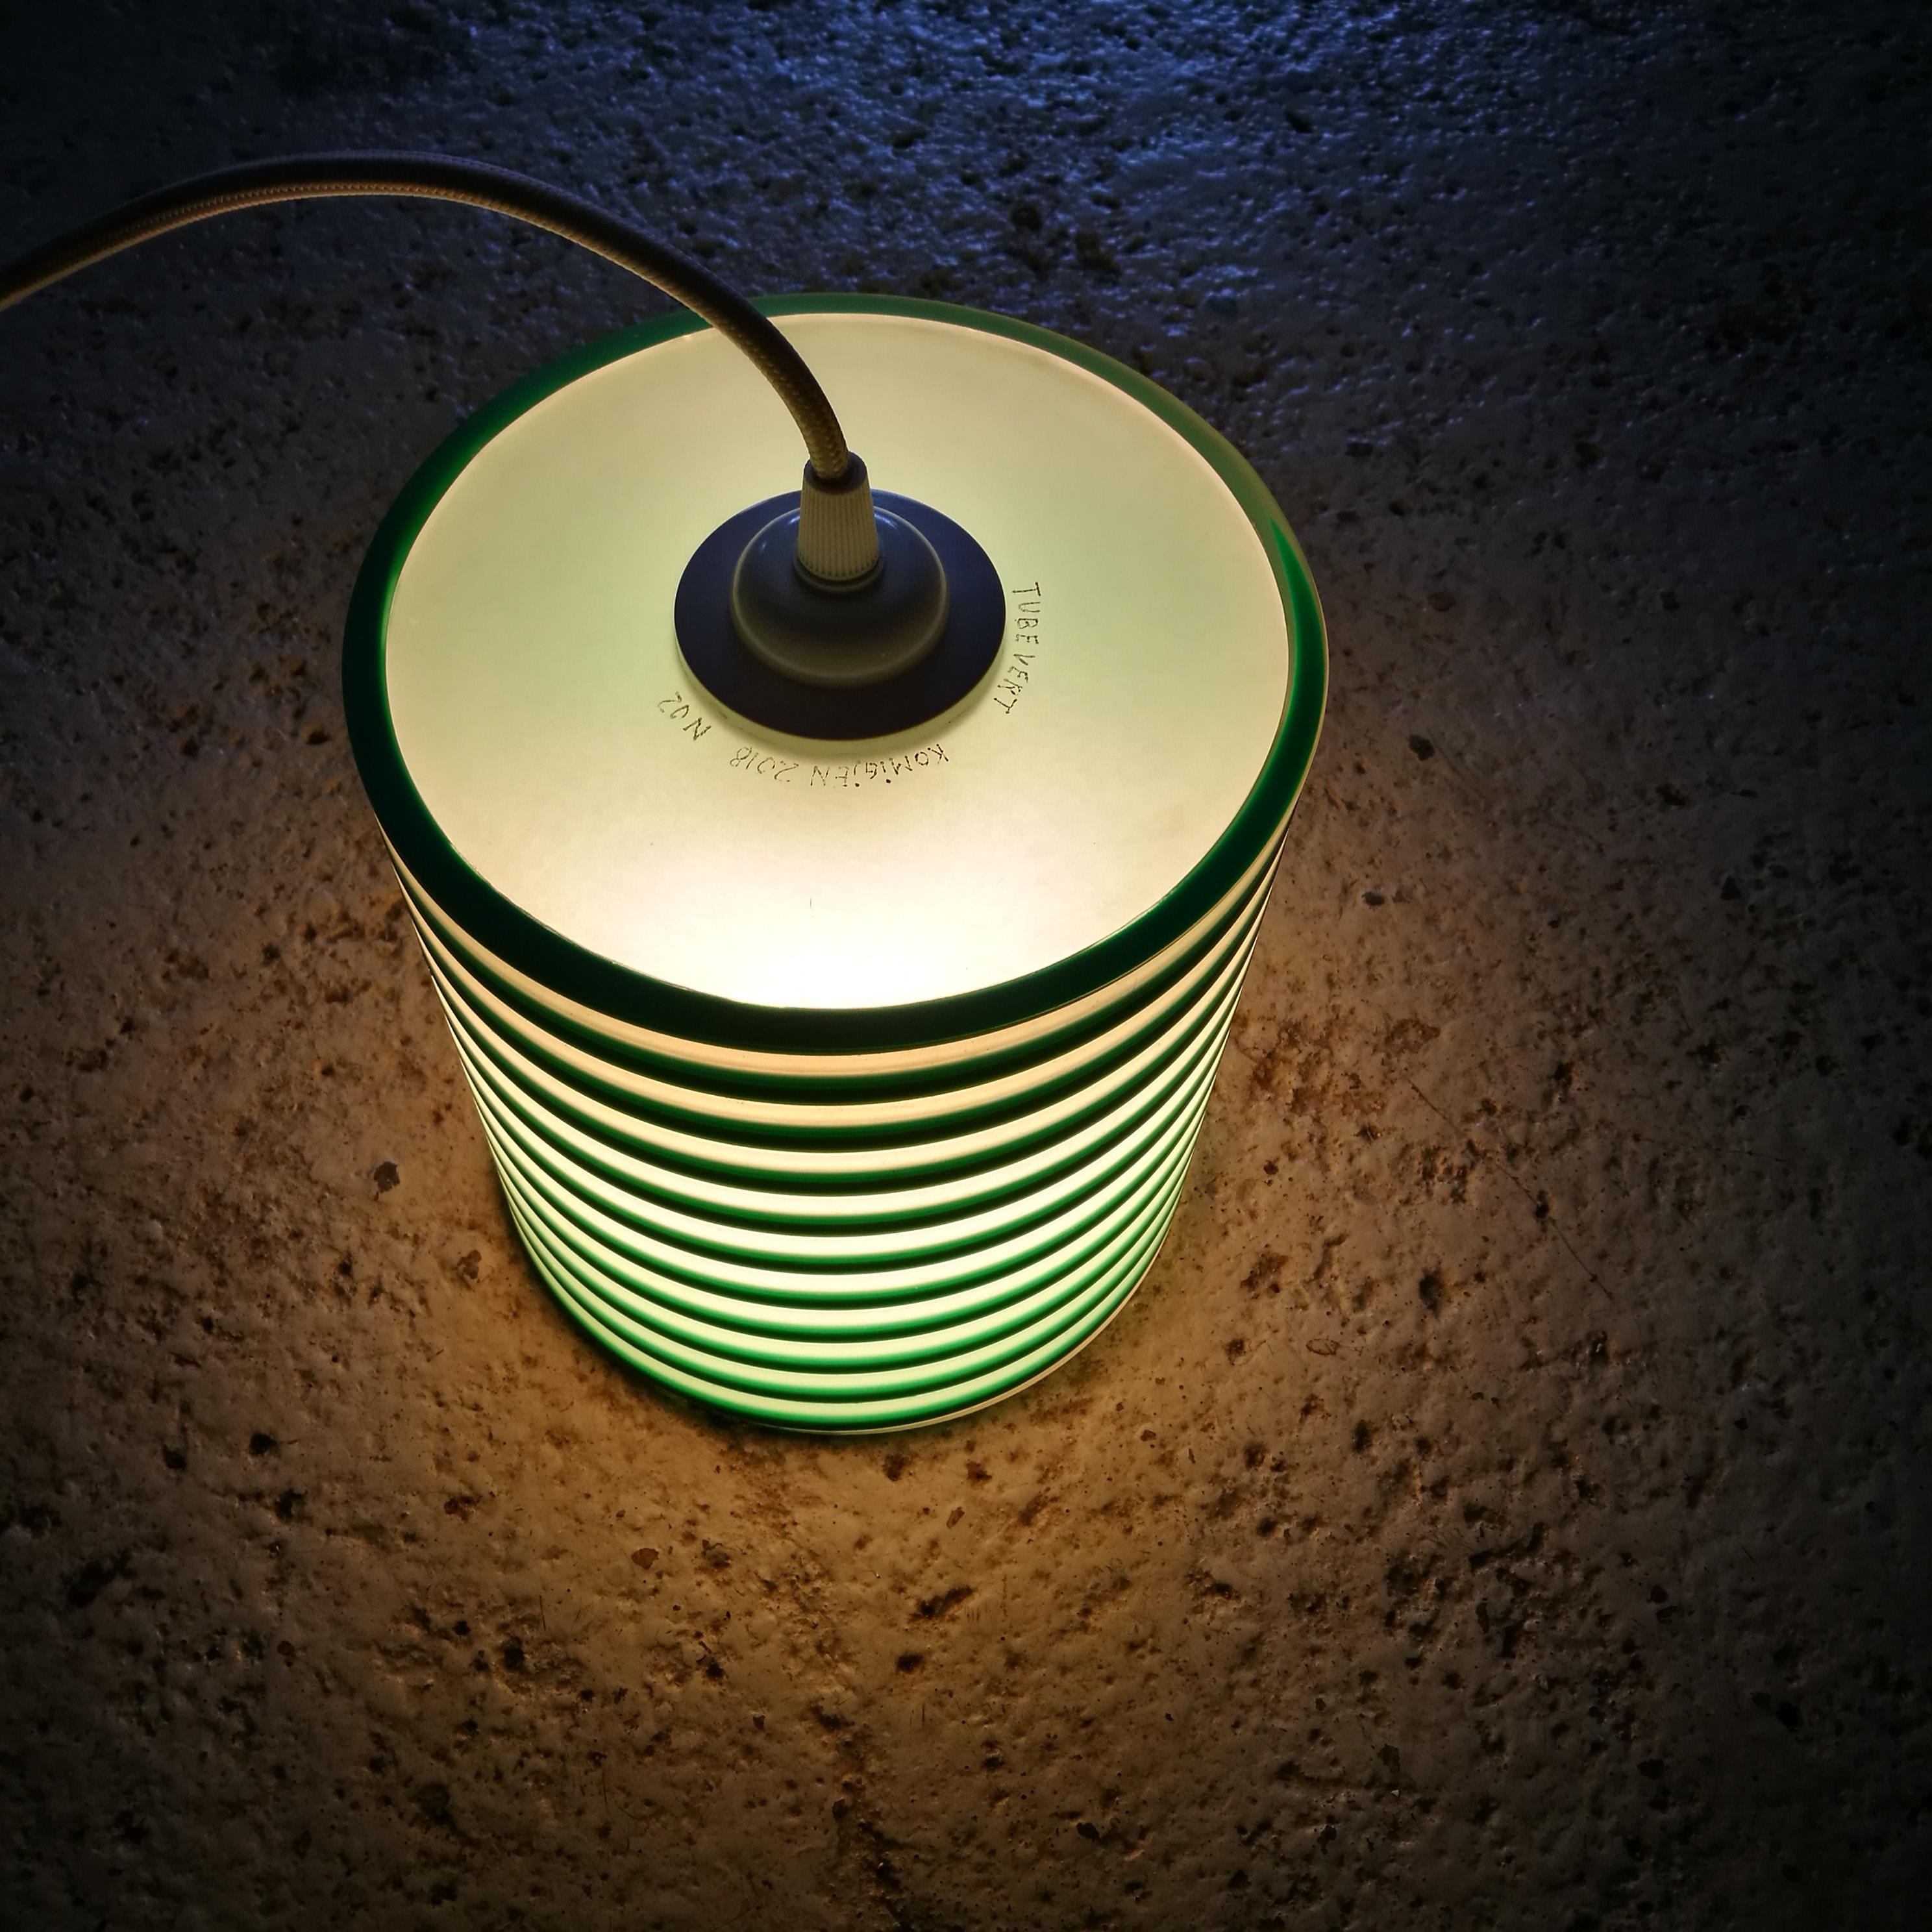 Lampen kan henge eller stå fritt.